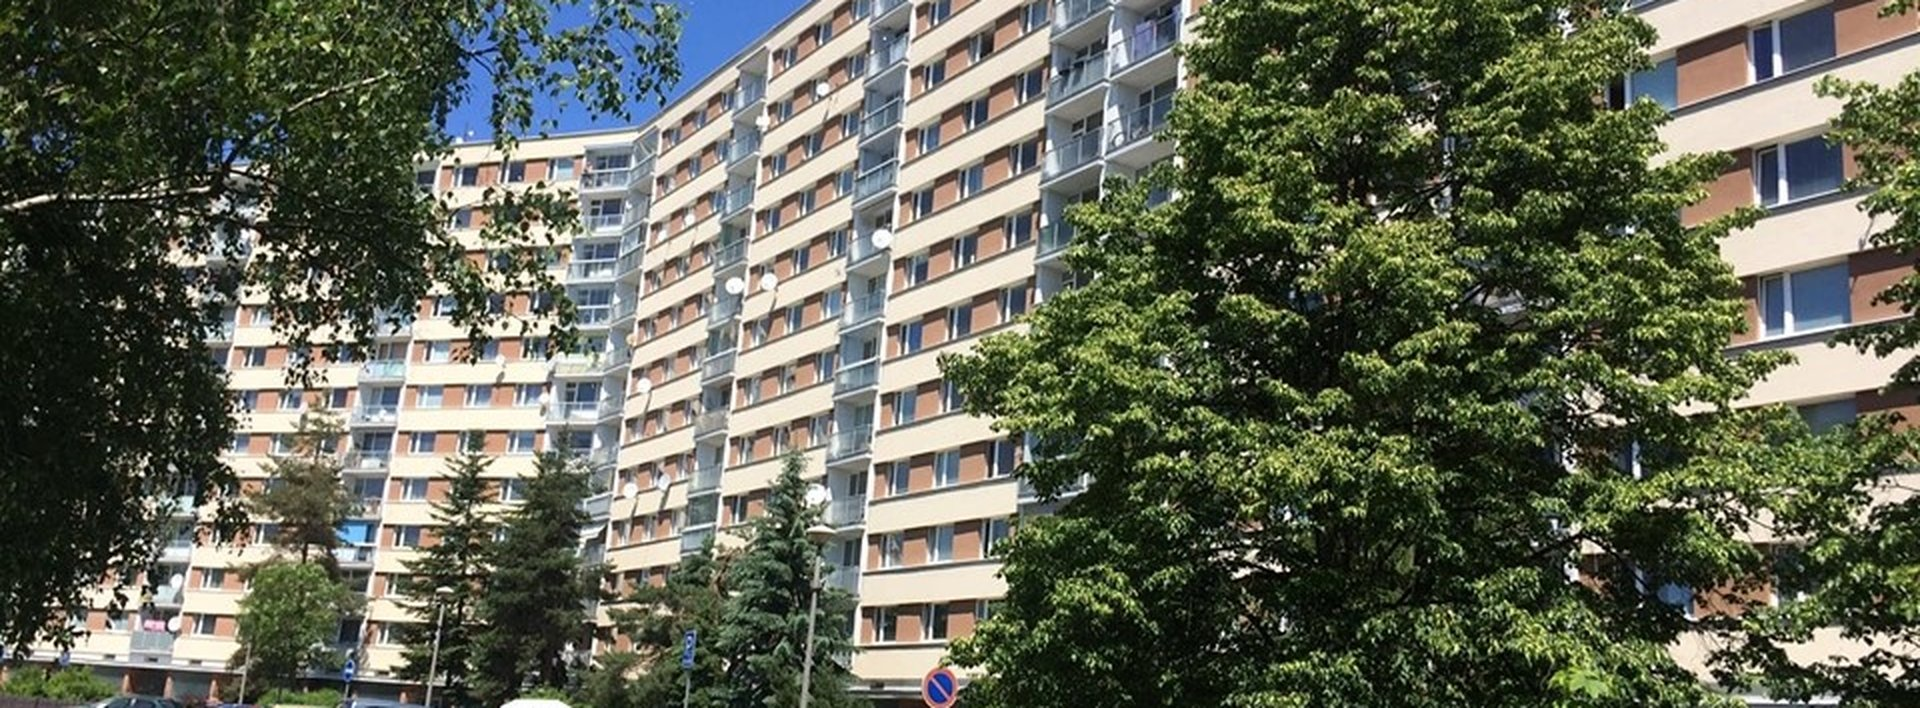 Pronájem útulného slunného bytu o velikosti 1+kk v Liberci - Ruprechtice, Ev.č.: N48758